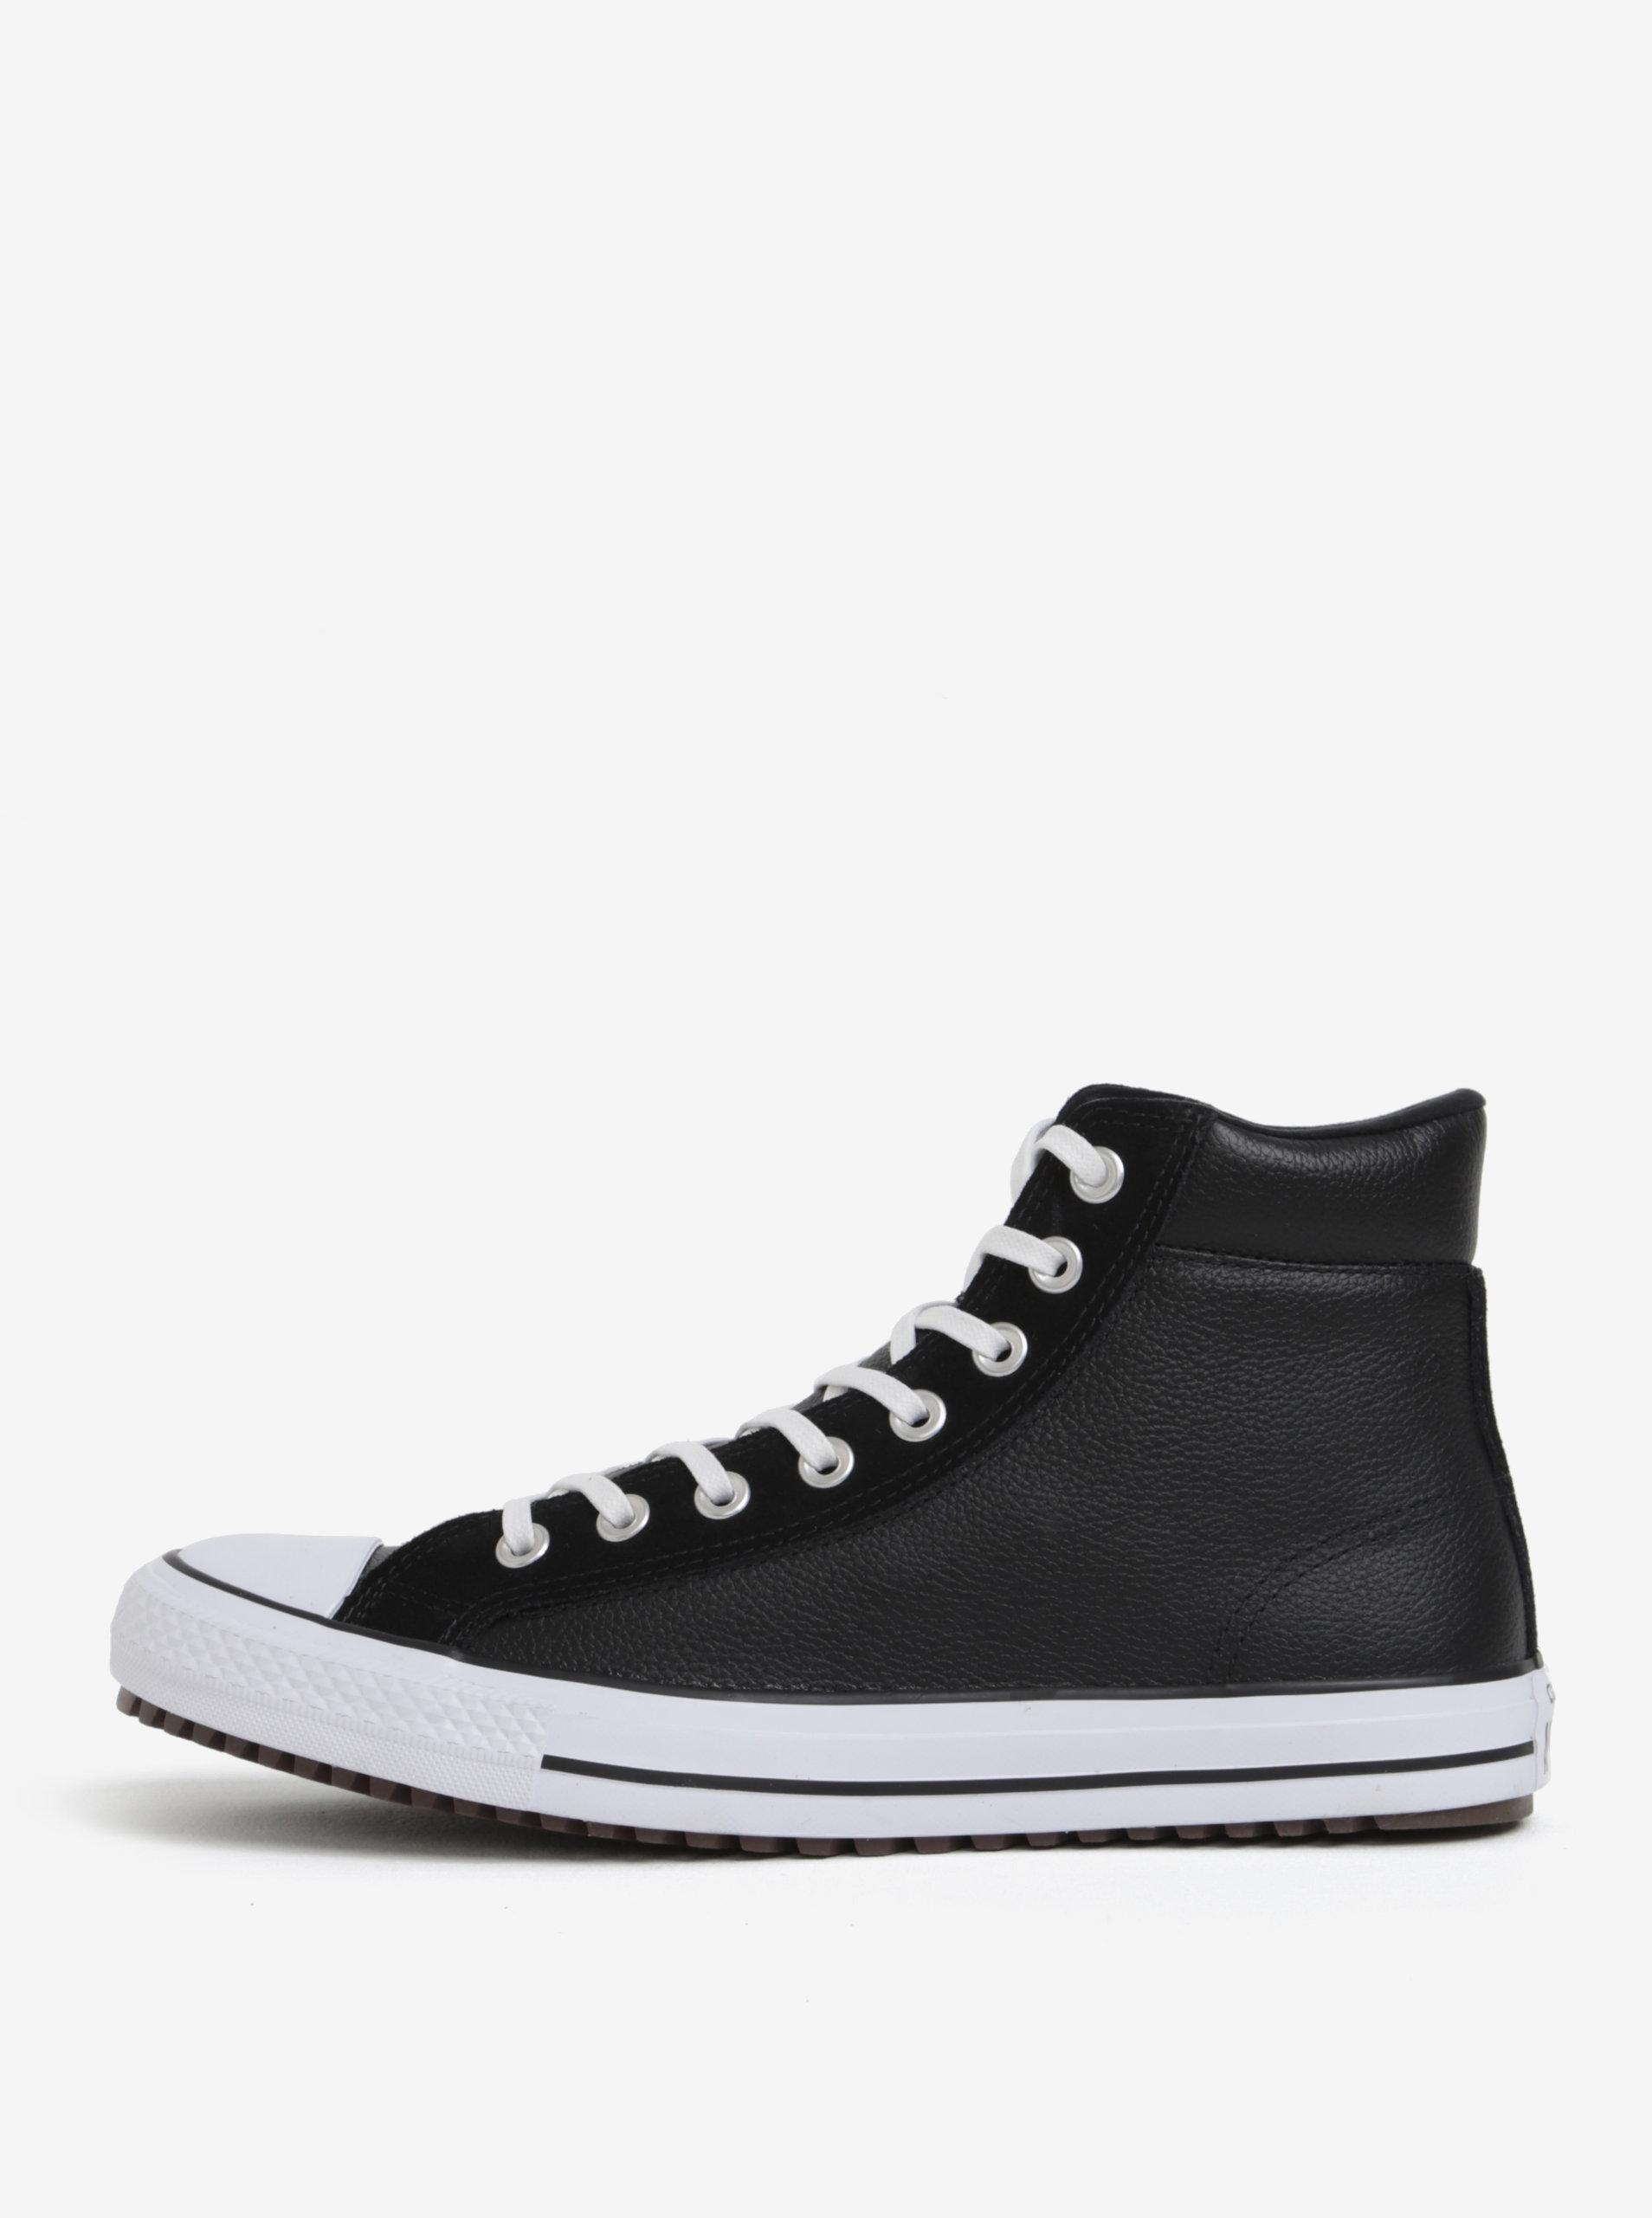 7269a81023b Černé pánské kožené kotníkové tenisky Converse Chuck Taylor ...